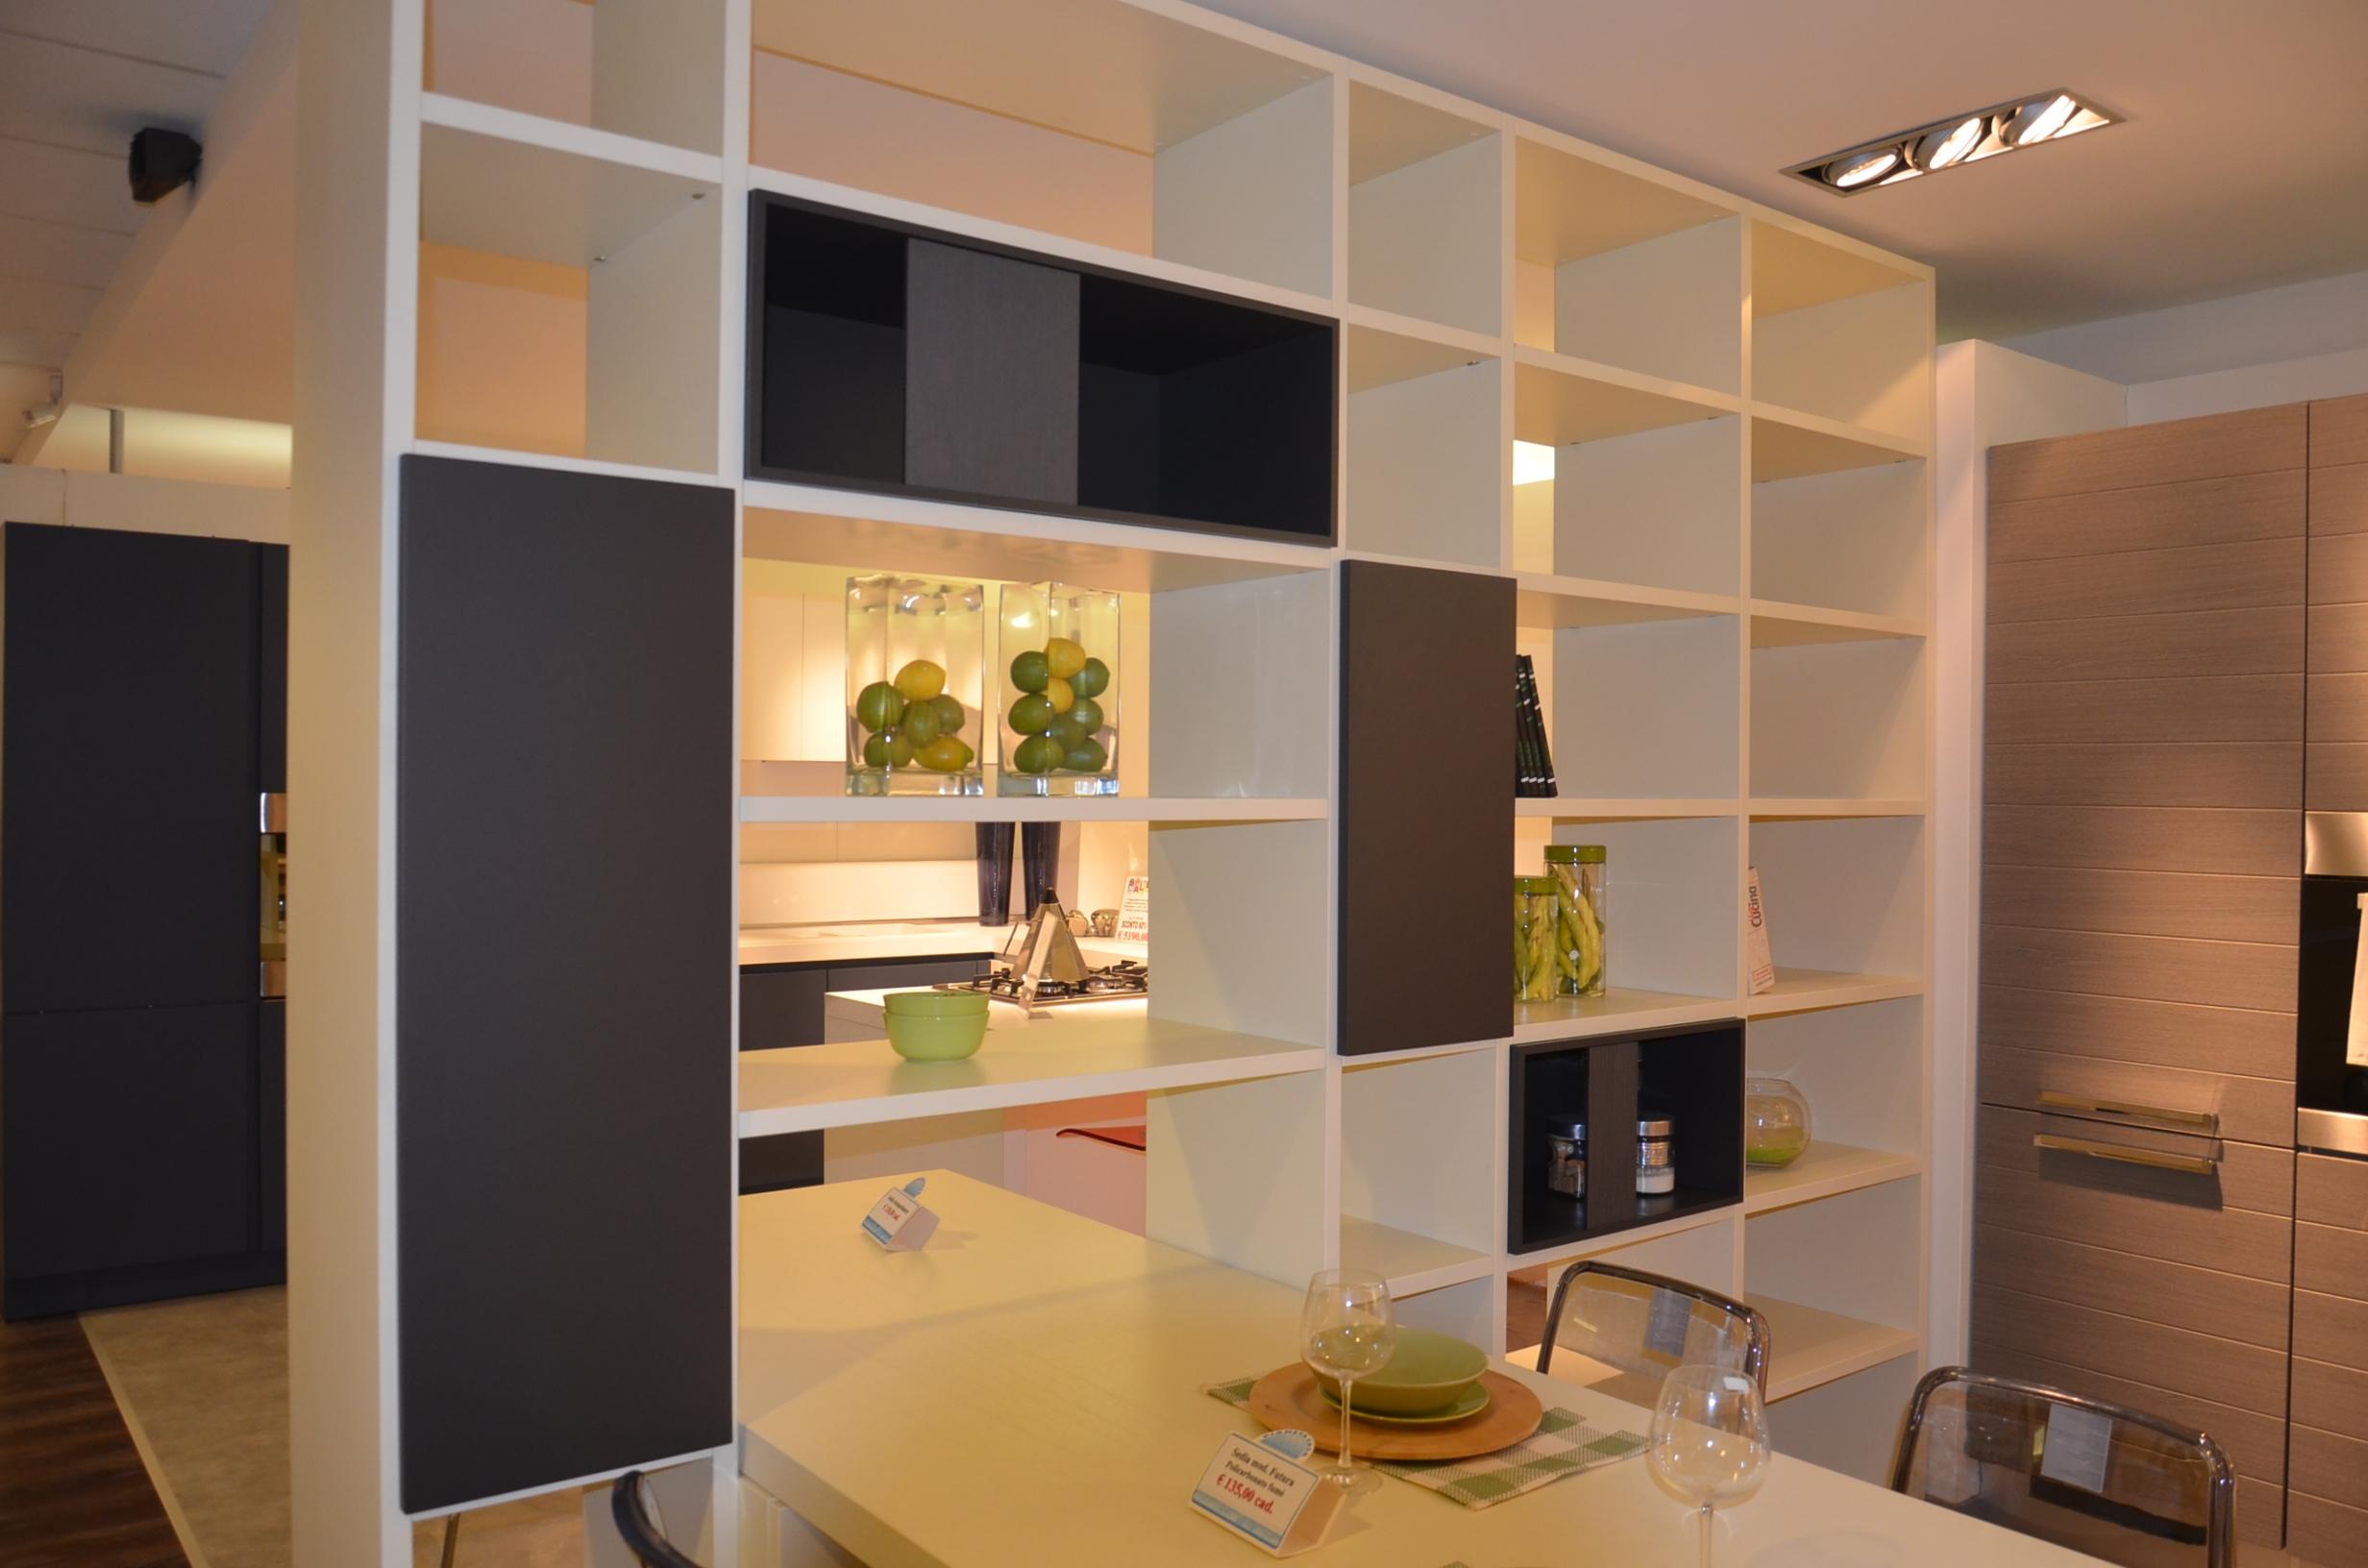 Ikea mobile soggiorno componibile : ikea mobili soggiorno ...